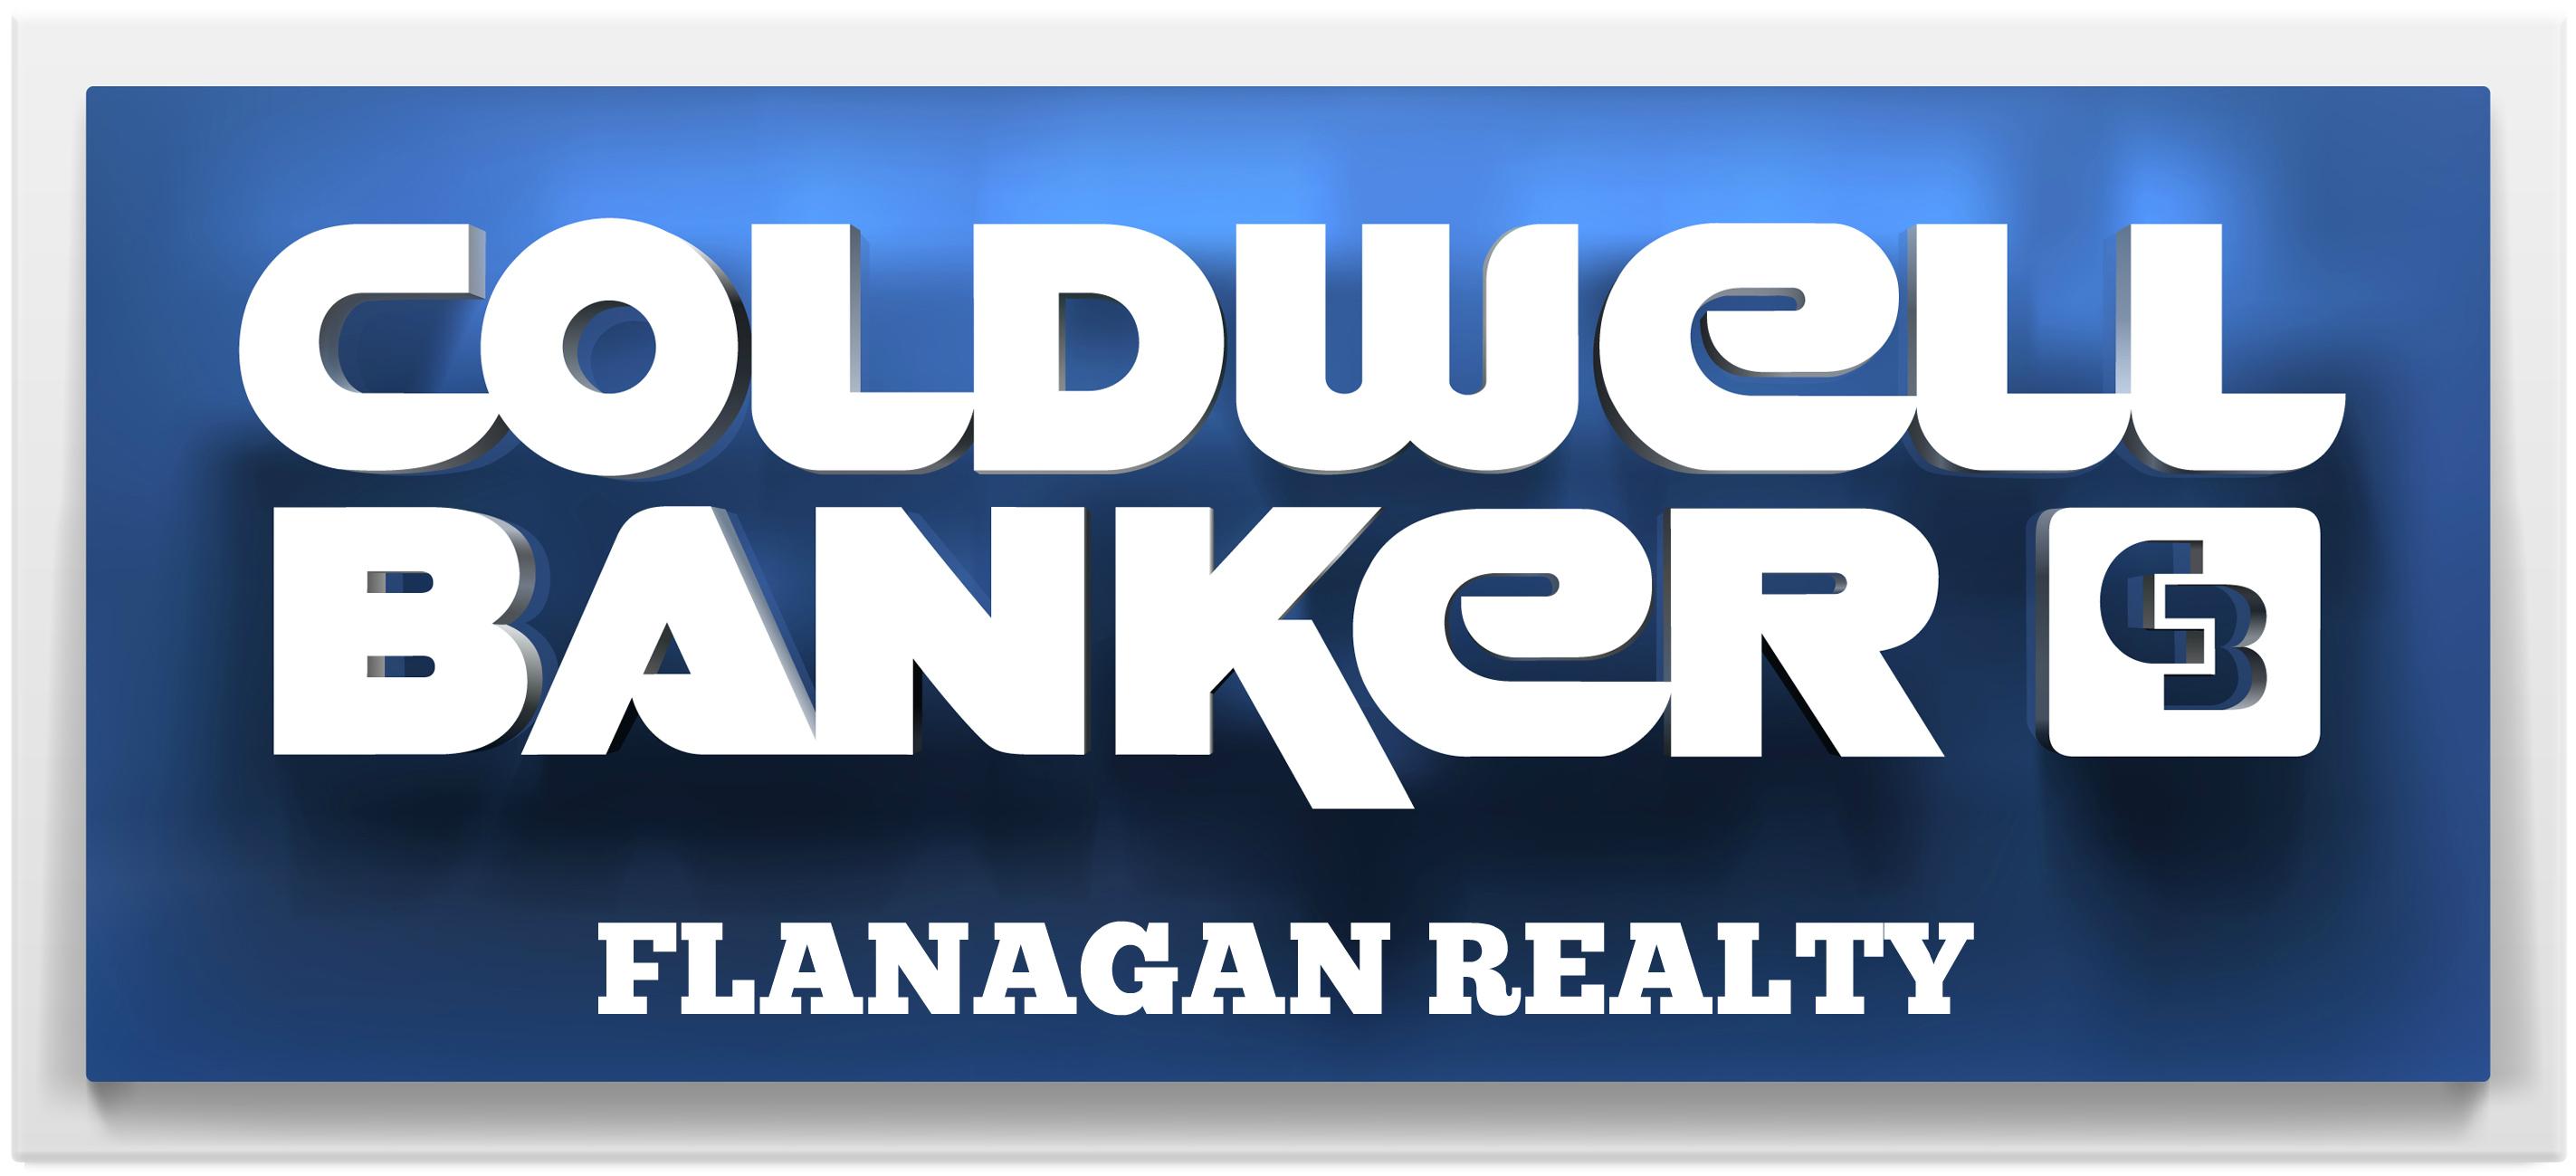 Coldwell Banker Flanagan Realty logo